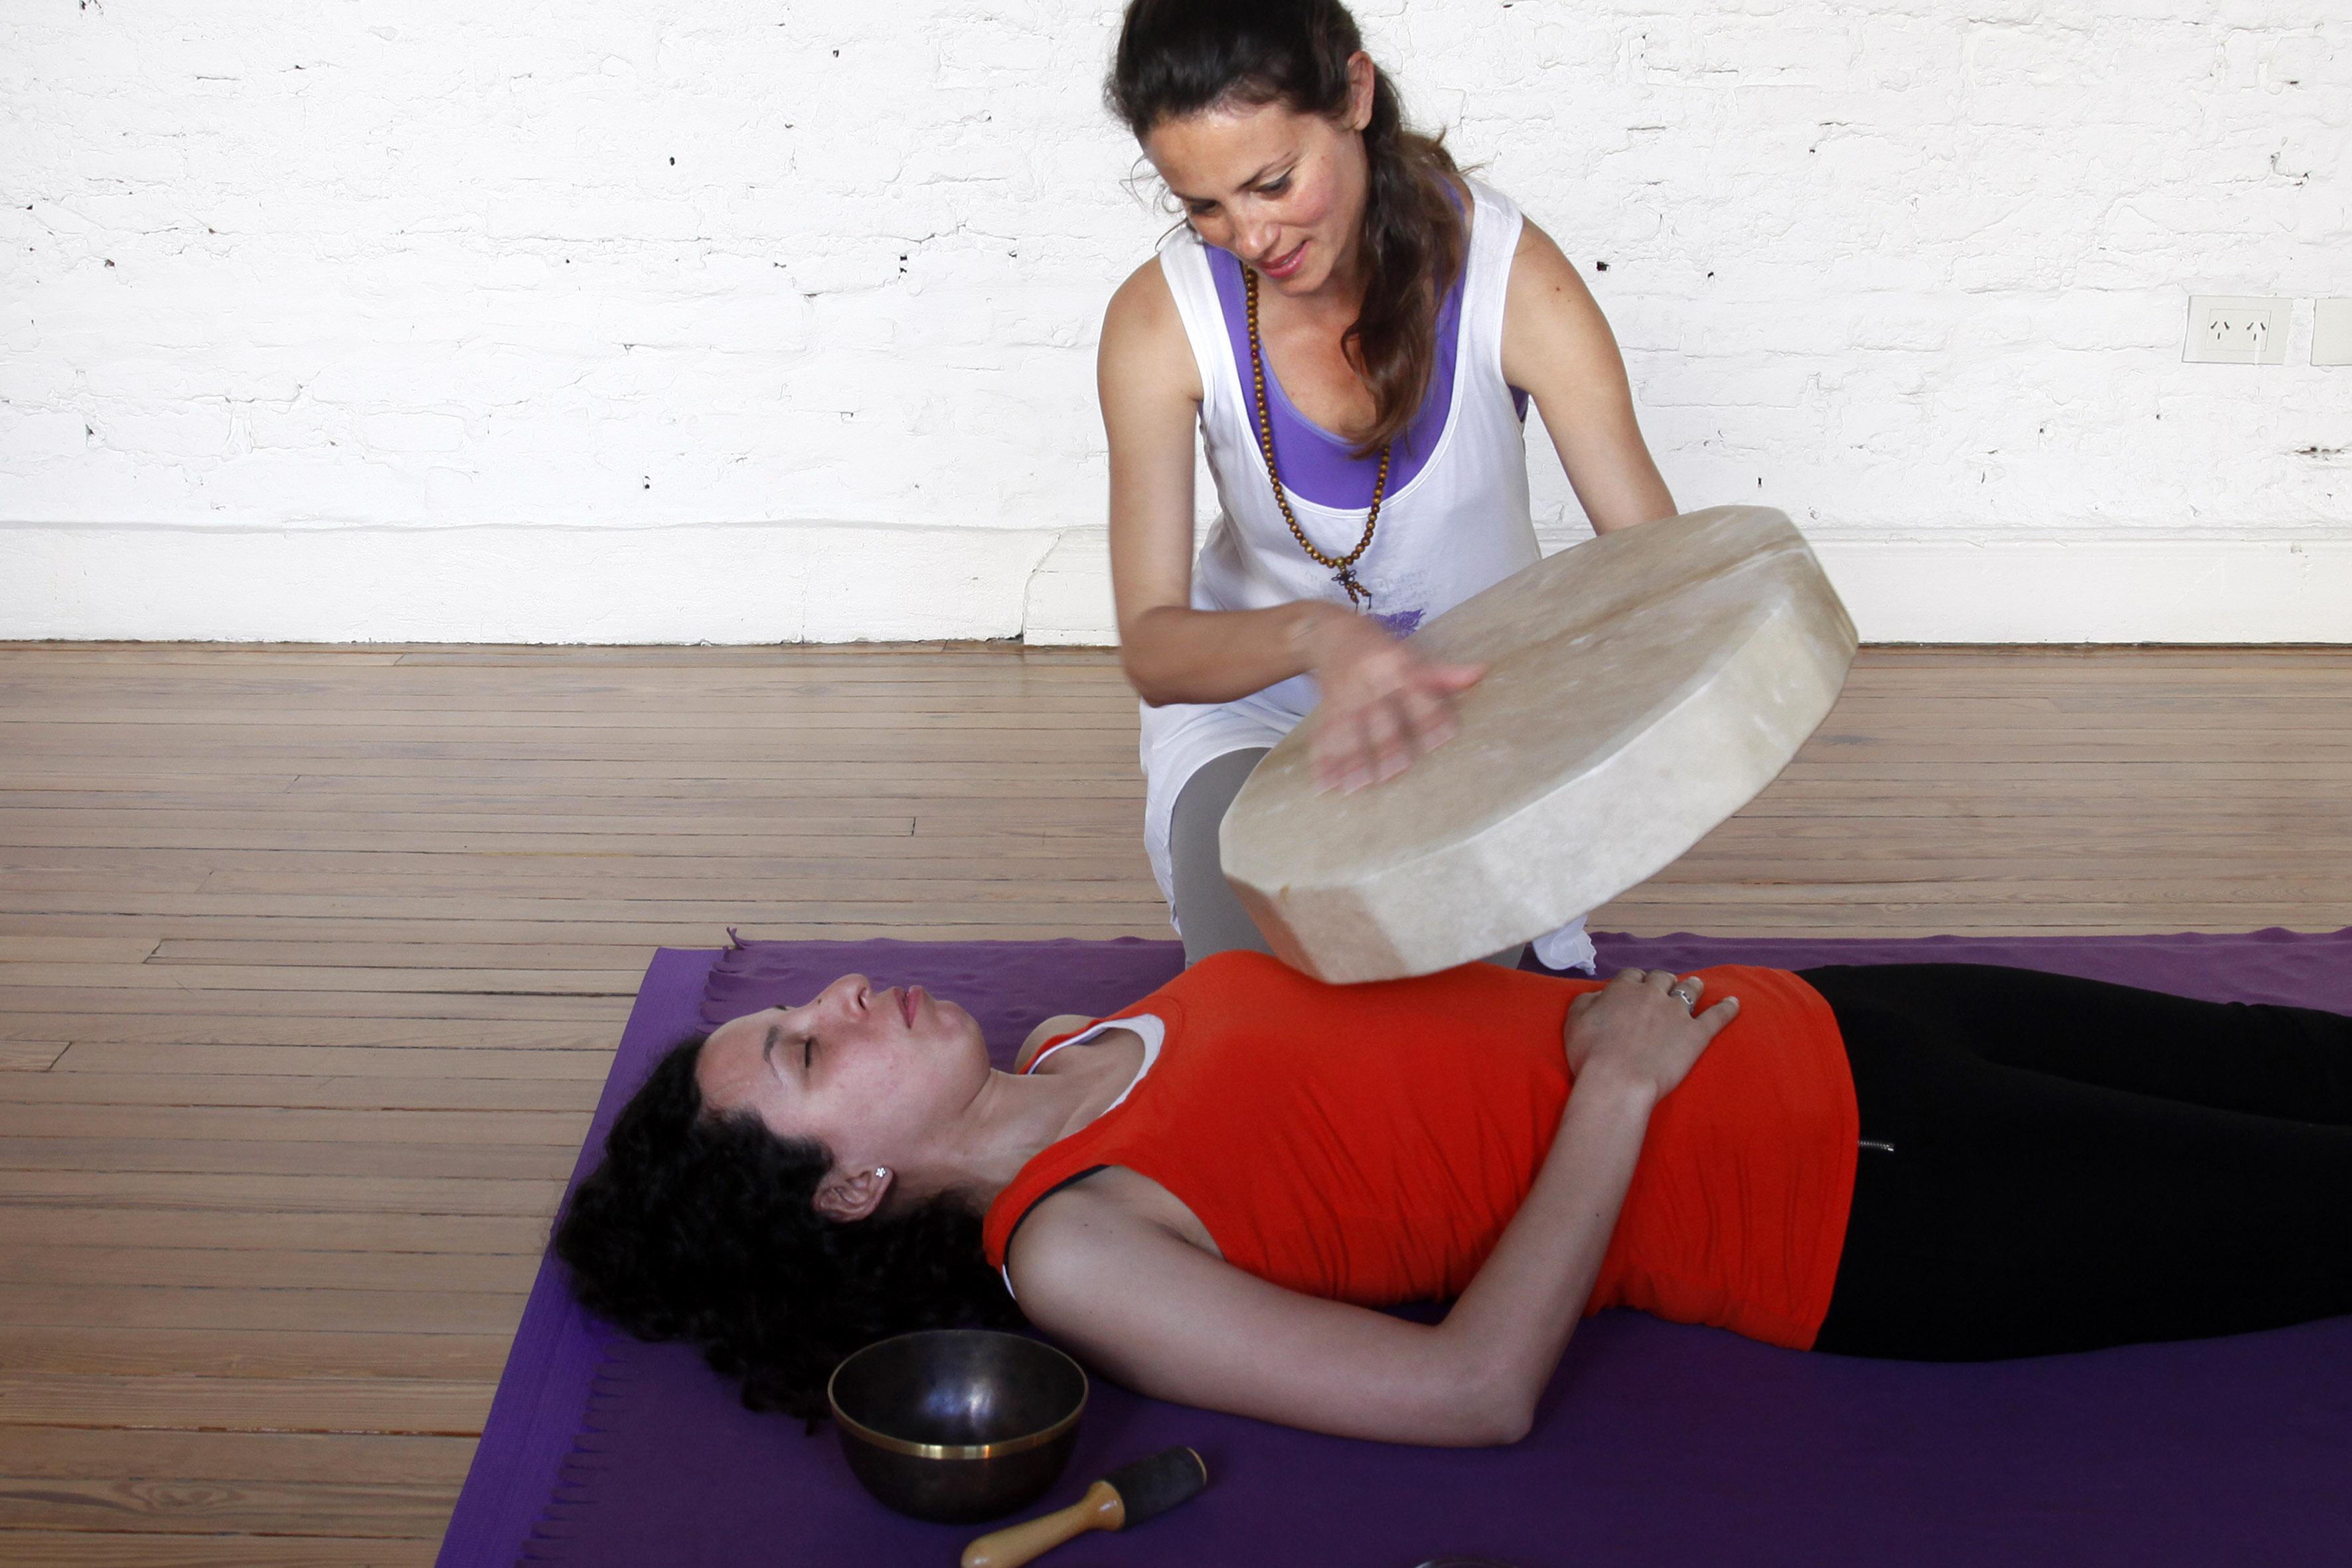 Masajes sonoros, relajación